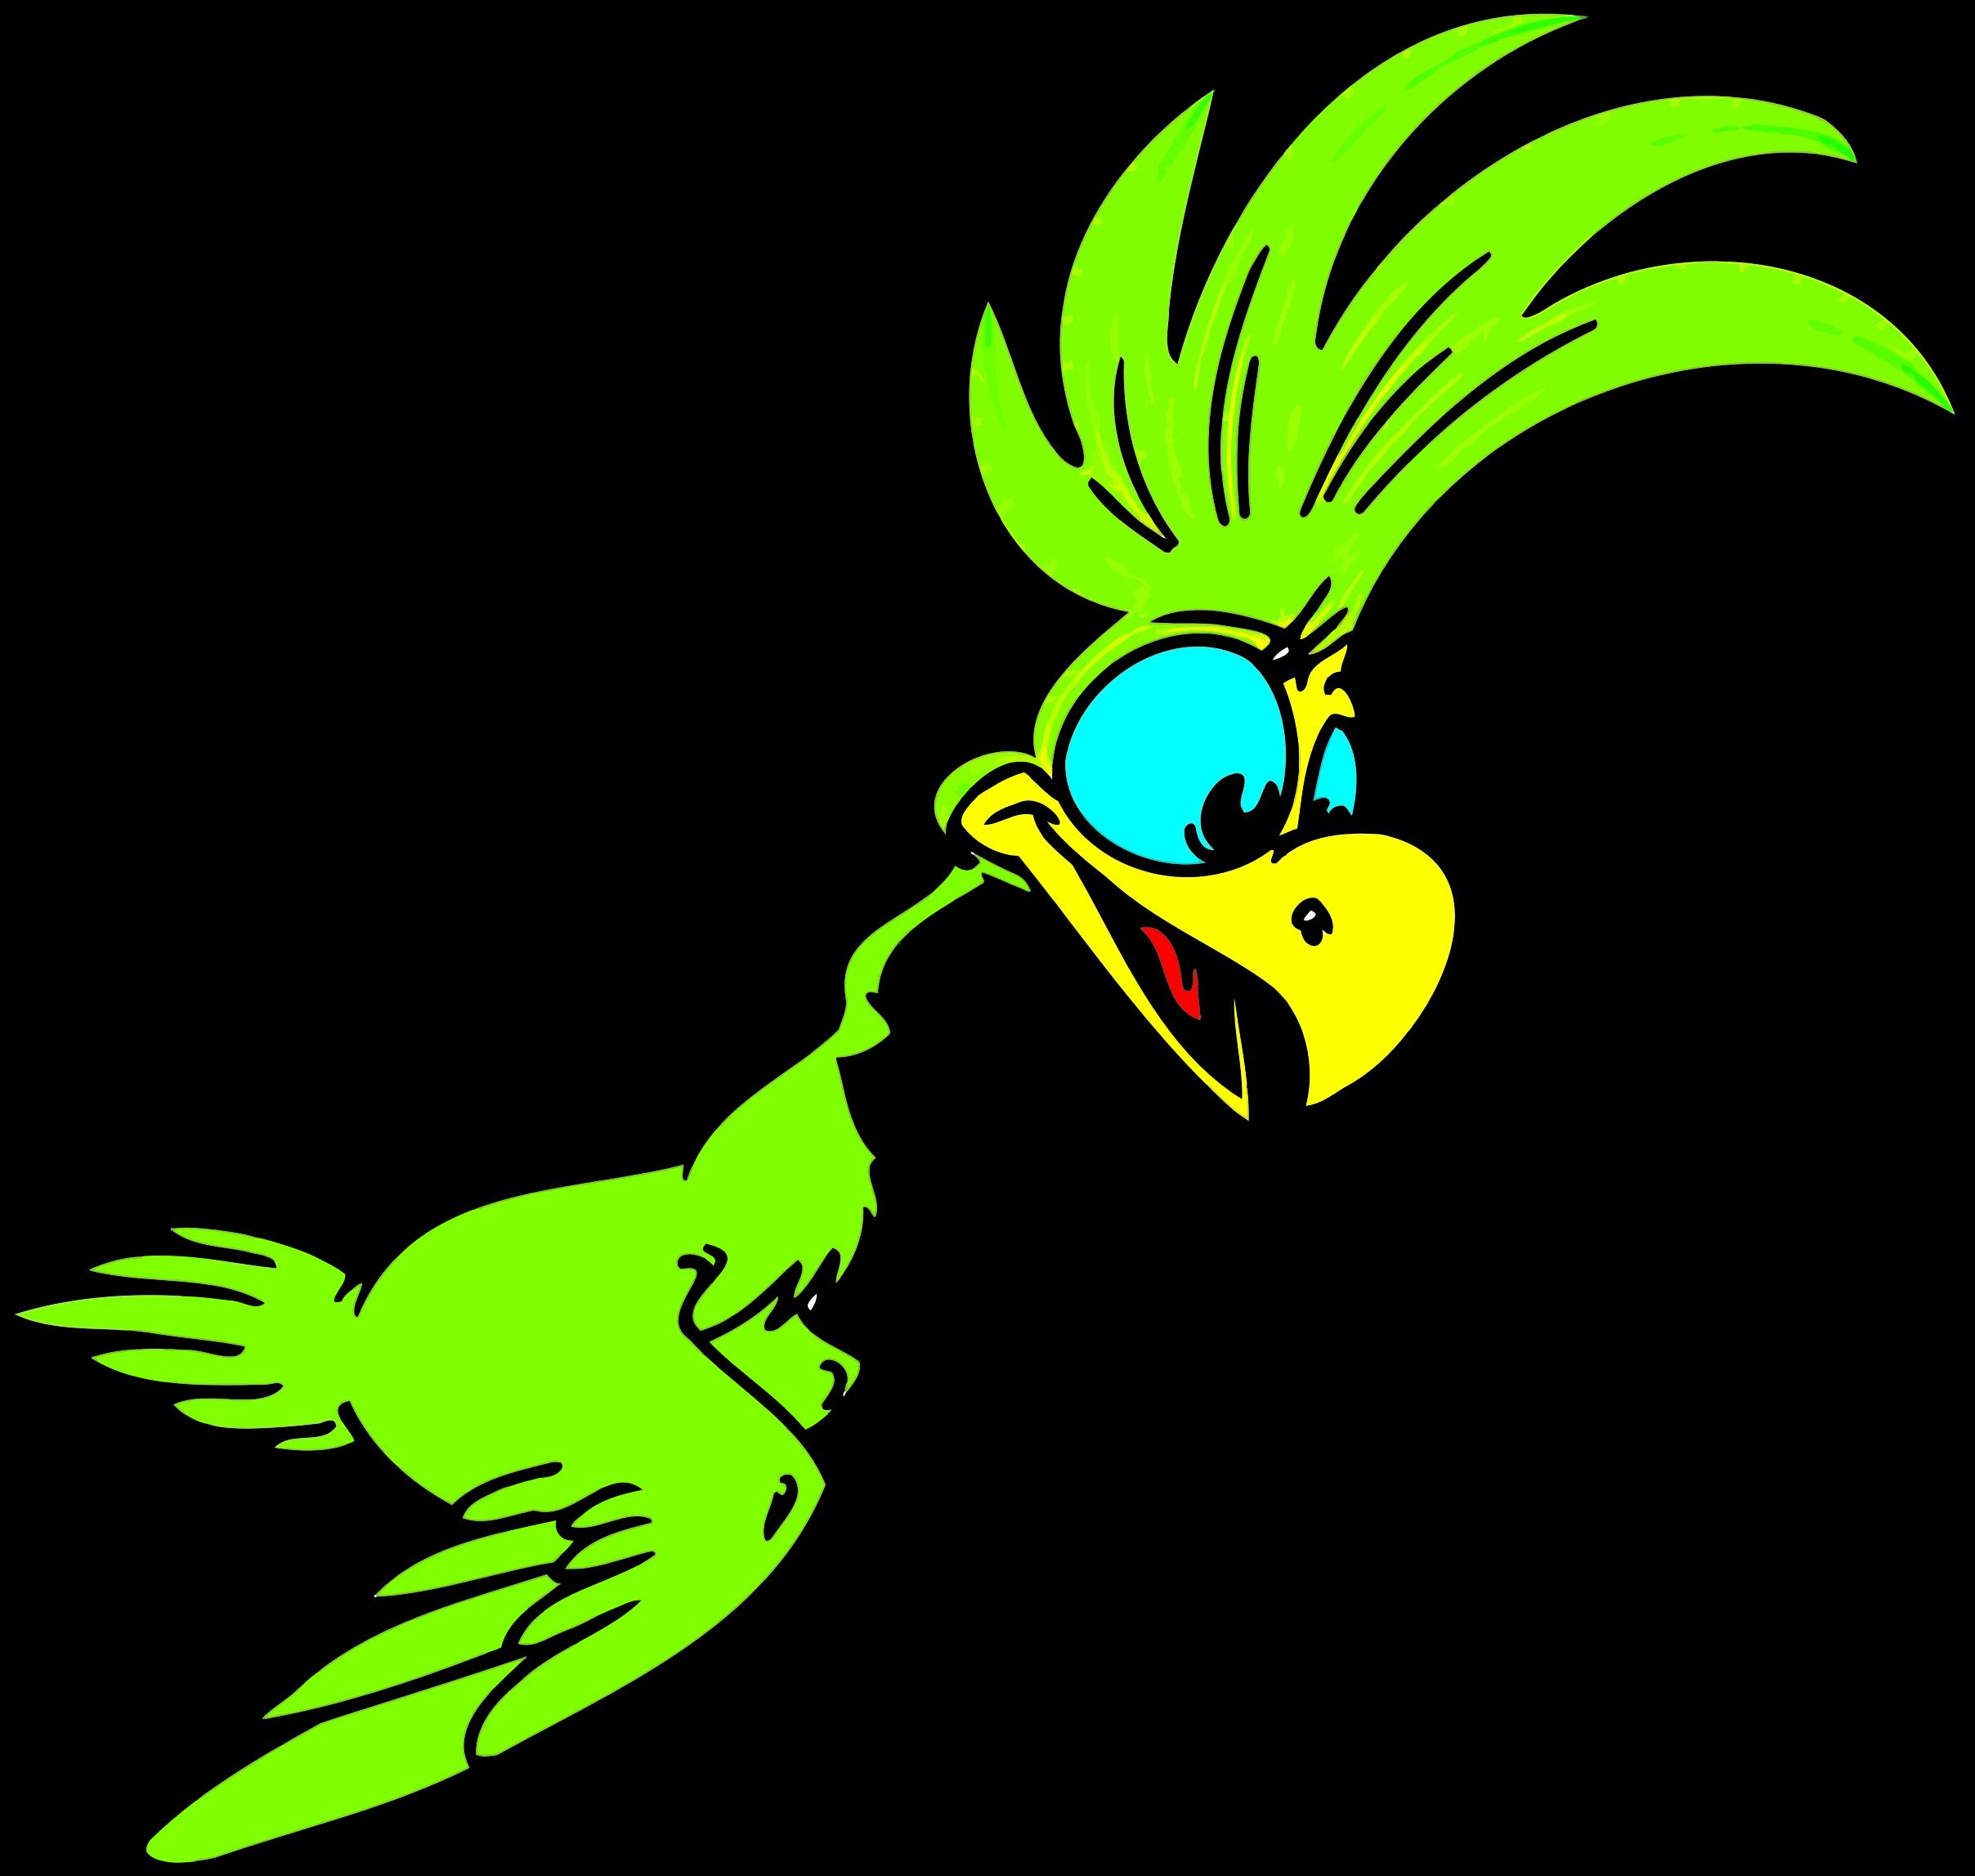 Parrot clipart green indian. Clip art cartoon bclipart